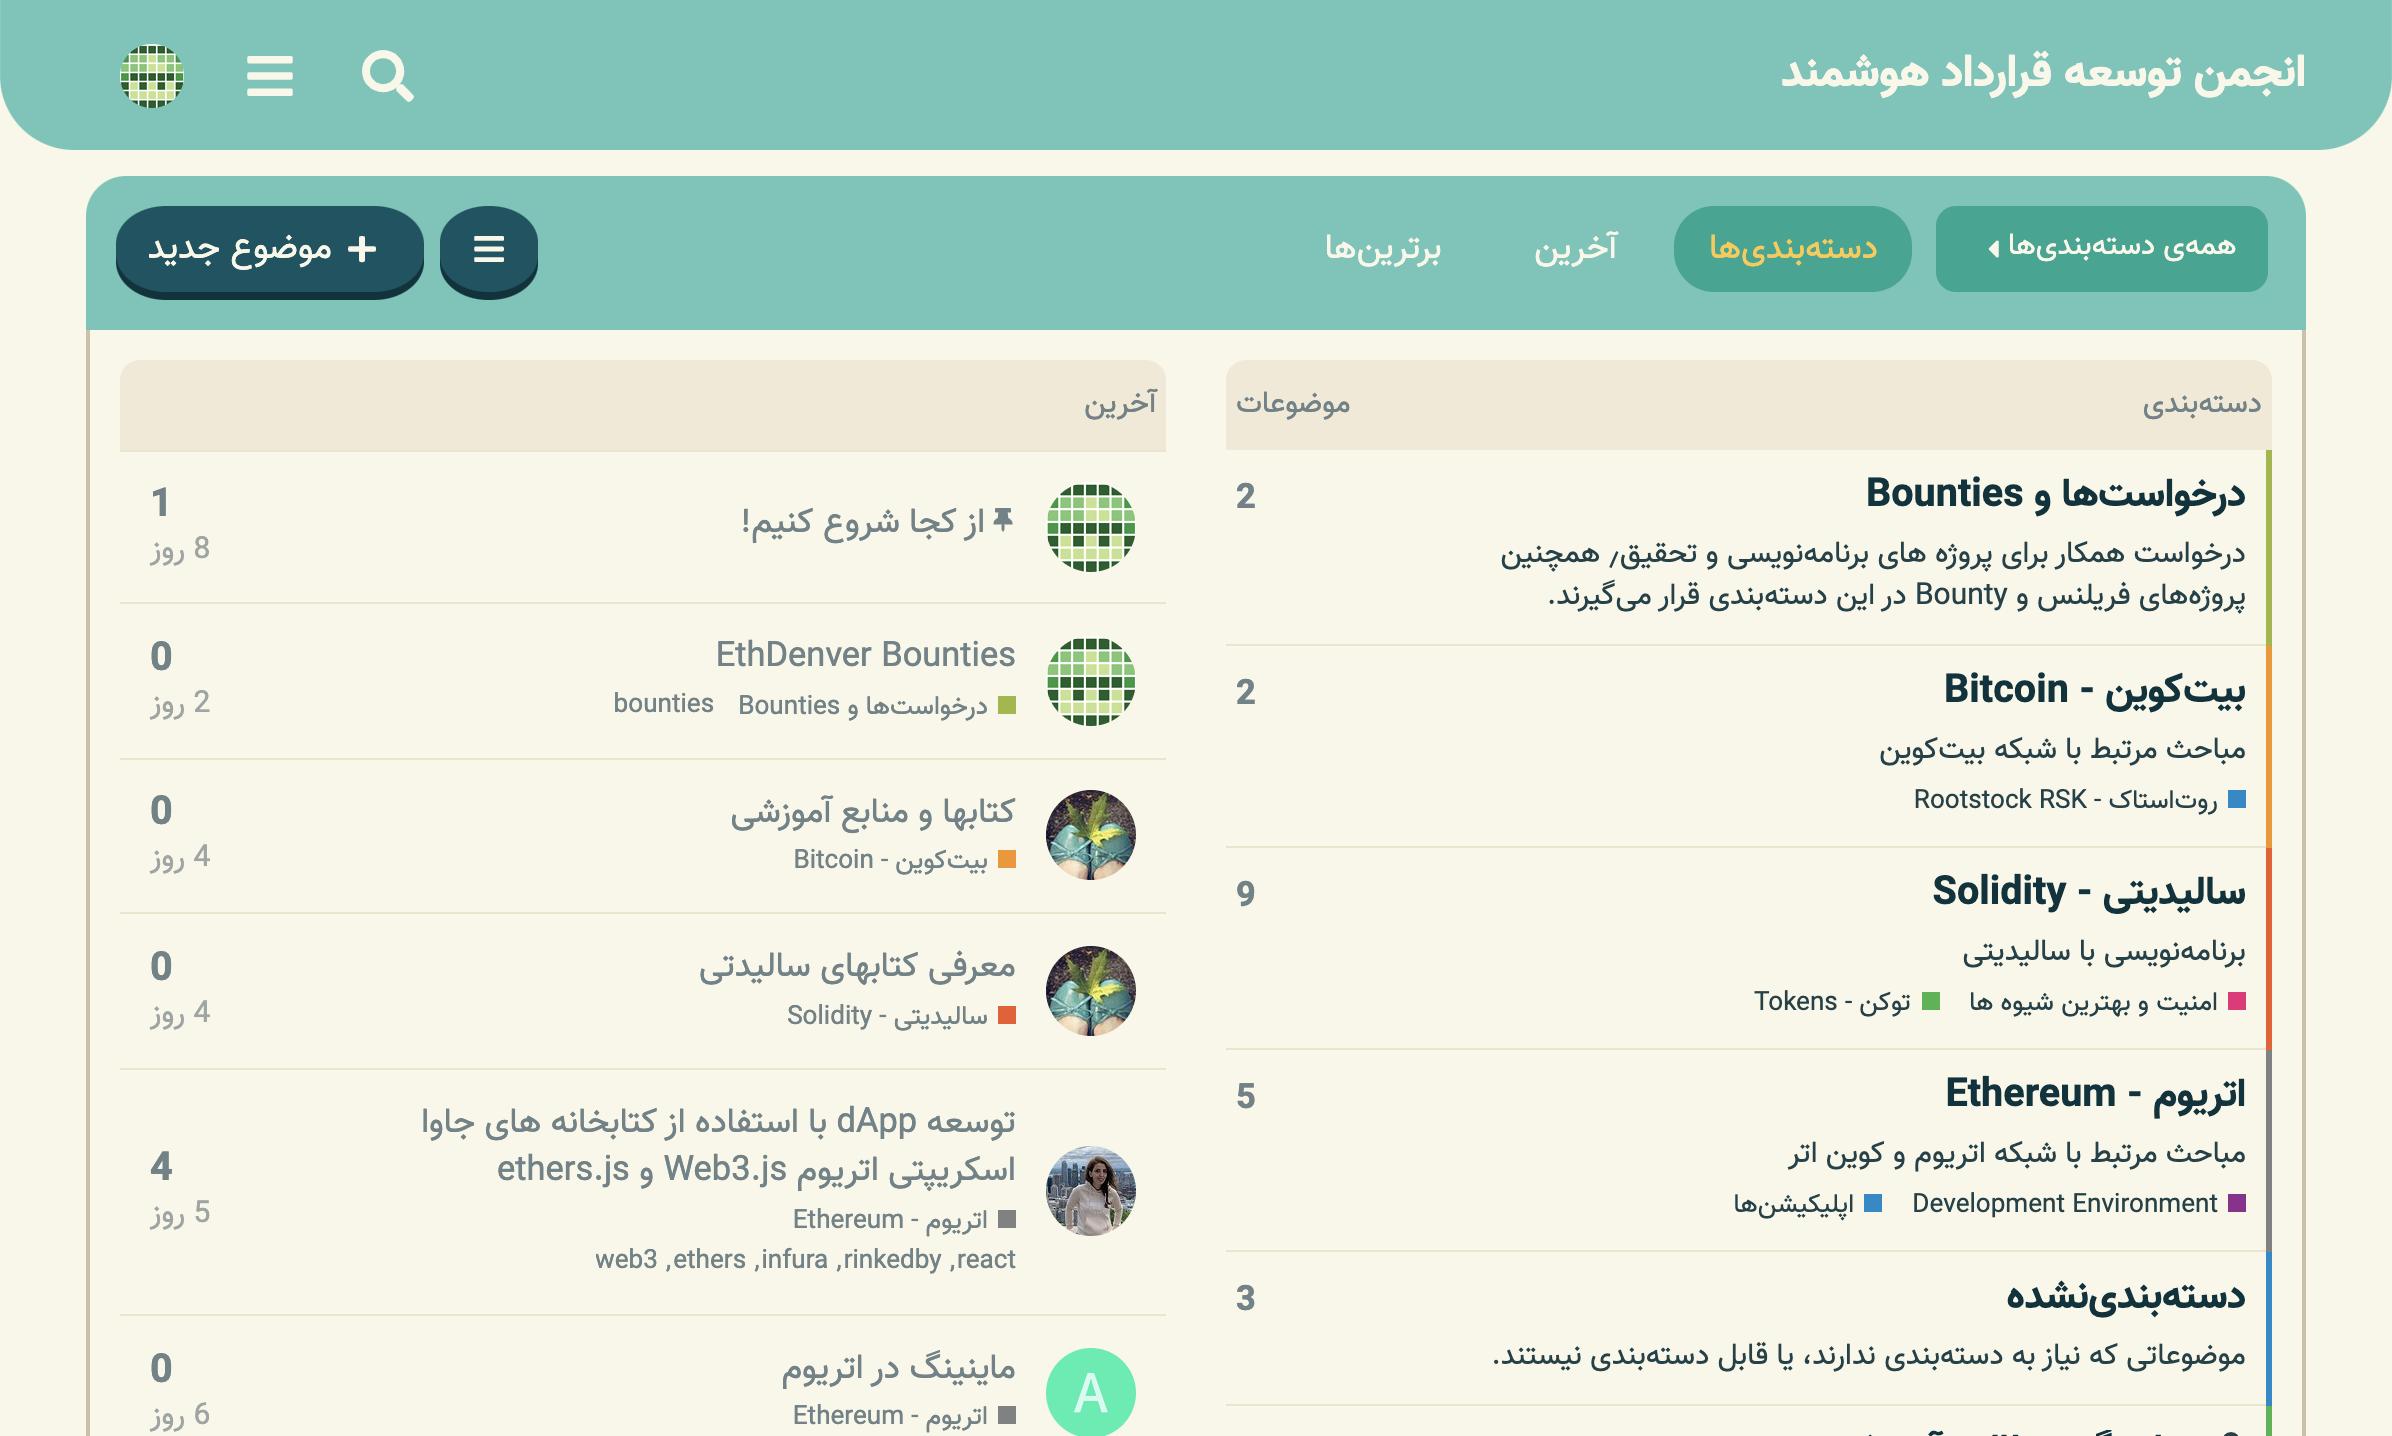 انجمن توسعه قرارداد هوشمند توسط زنان توانمند ایرانی